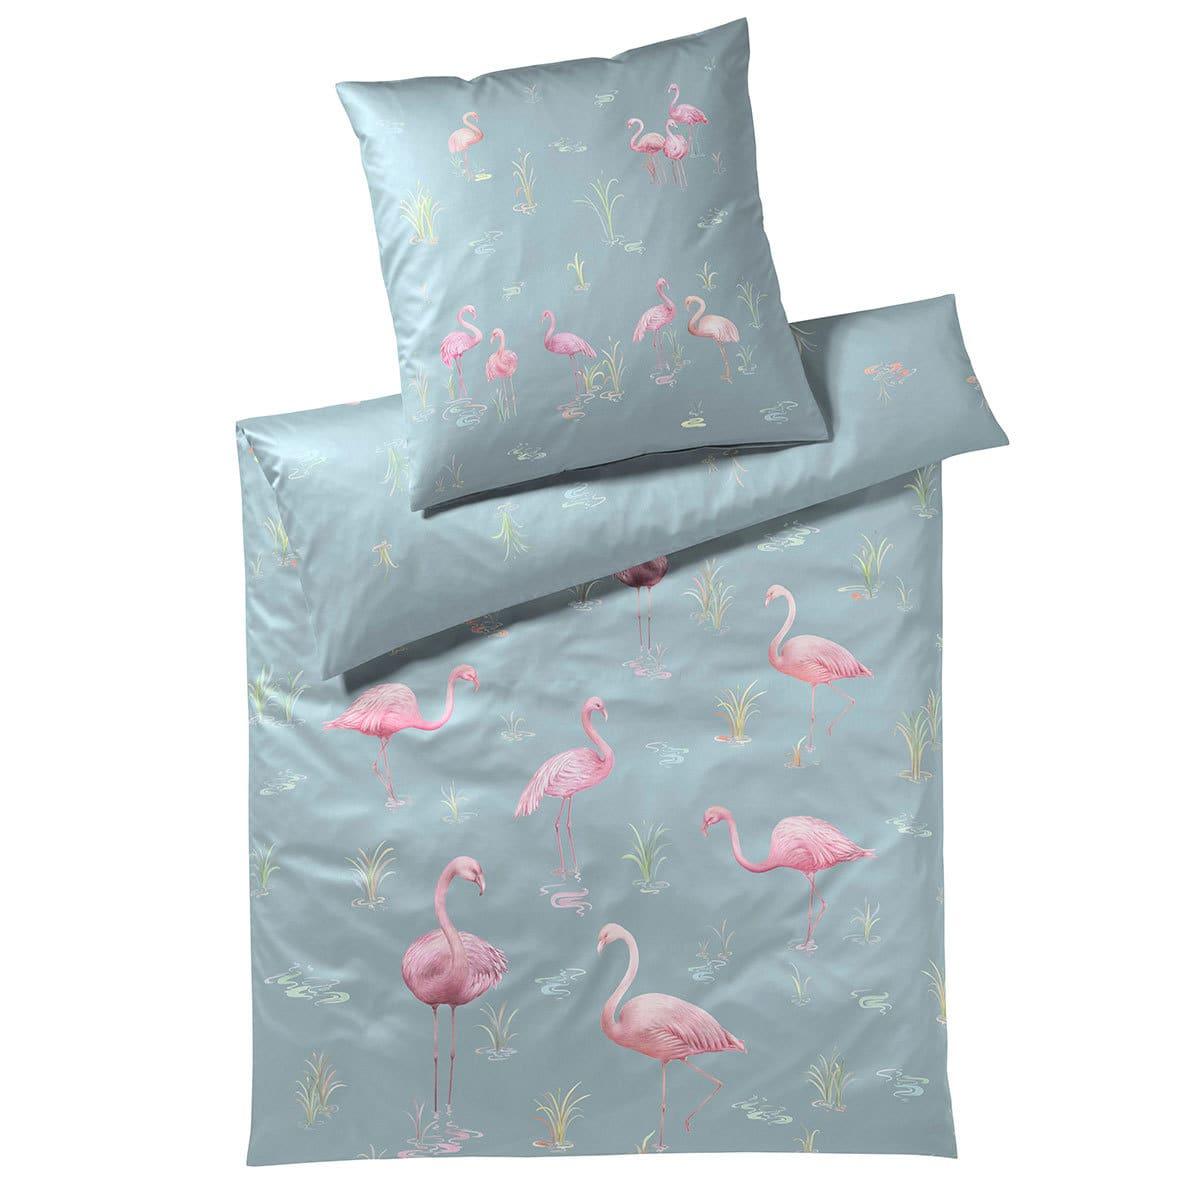 elegante Mako-Satin Bettwäsche Flamingo taubenblau